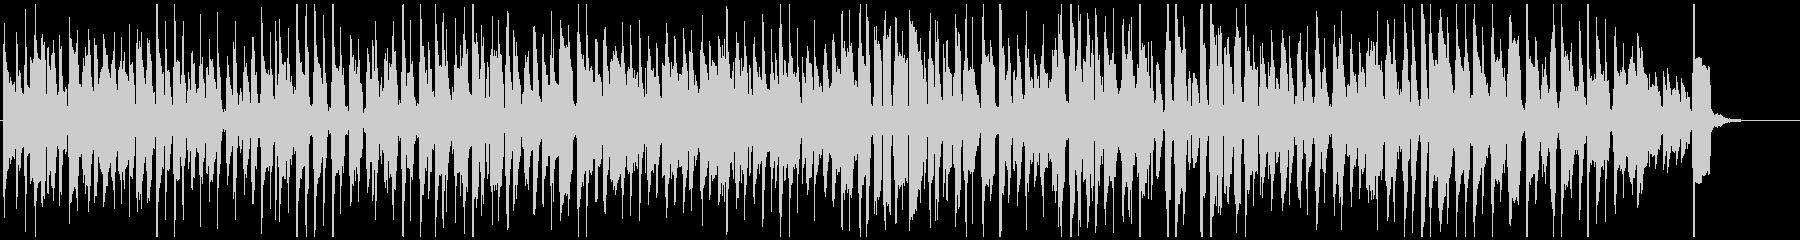 レトロジャズ、ジプシースイング※60秒版の未再生の波形